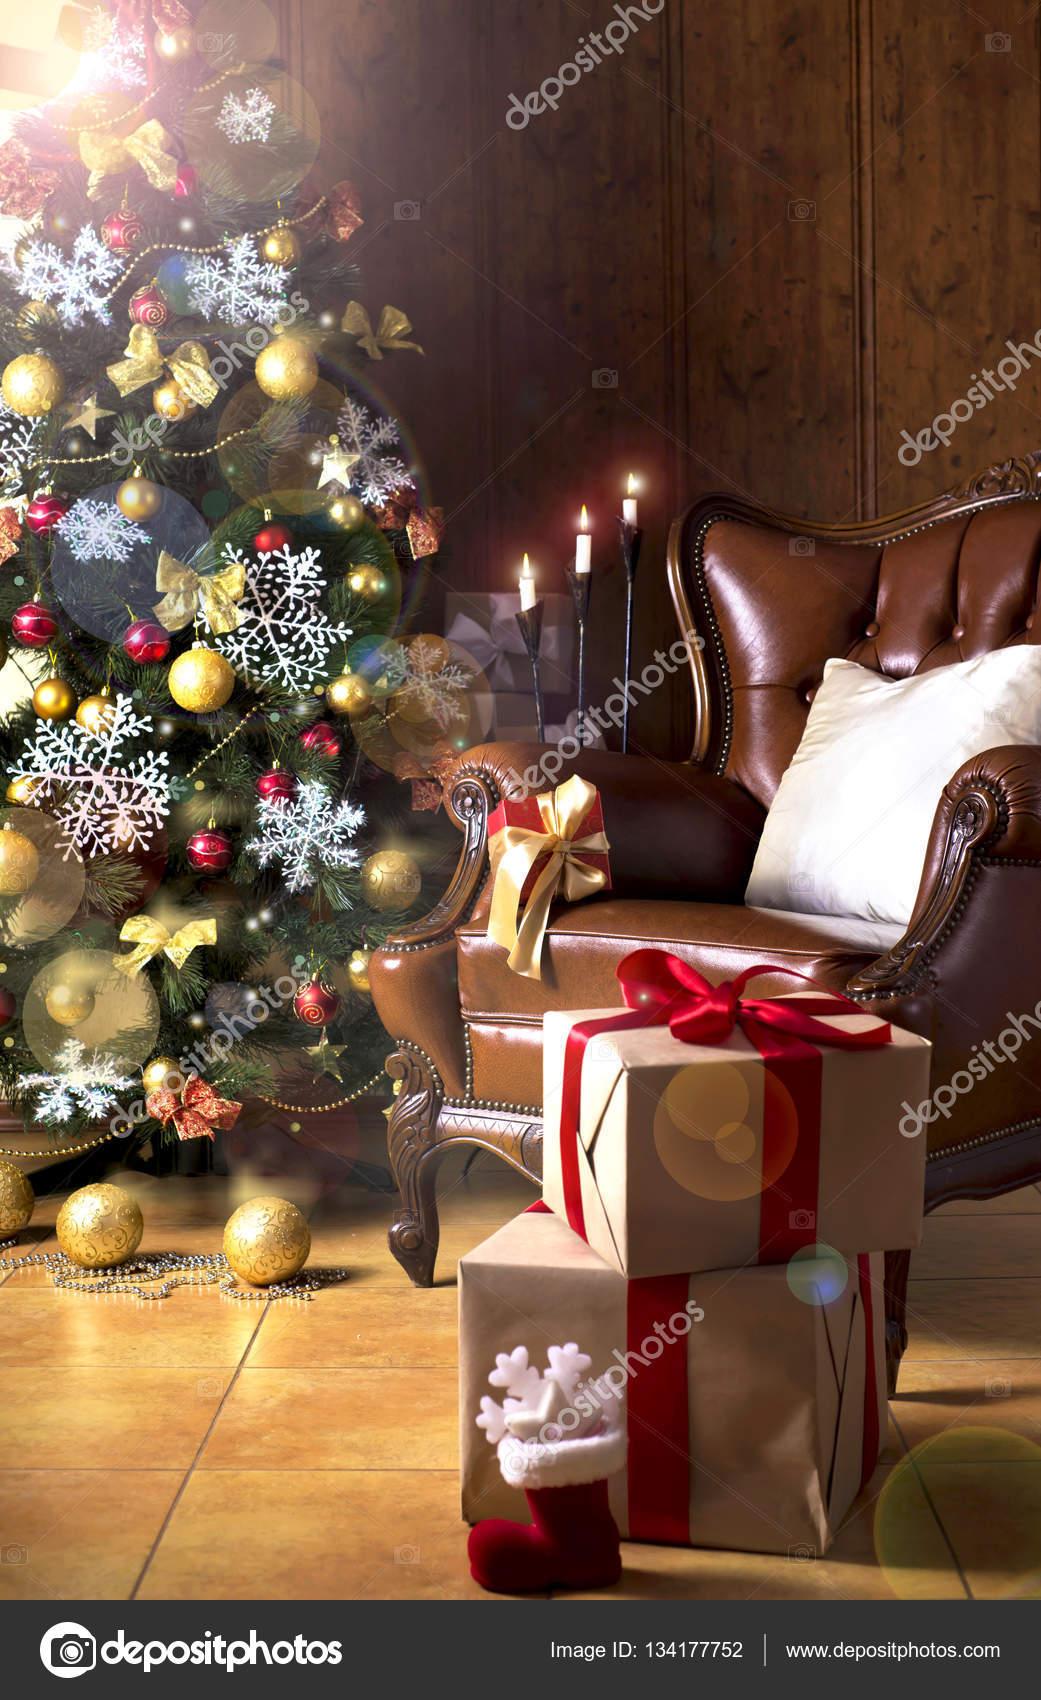 Weihnachten-Szene mit Baum-Geschenke — Stockfoto © aprilphoto #134177752